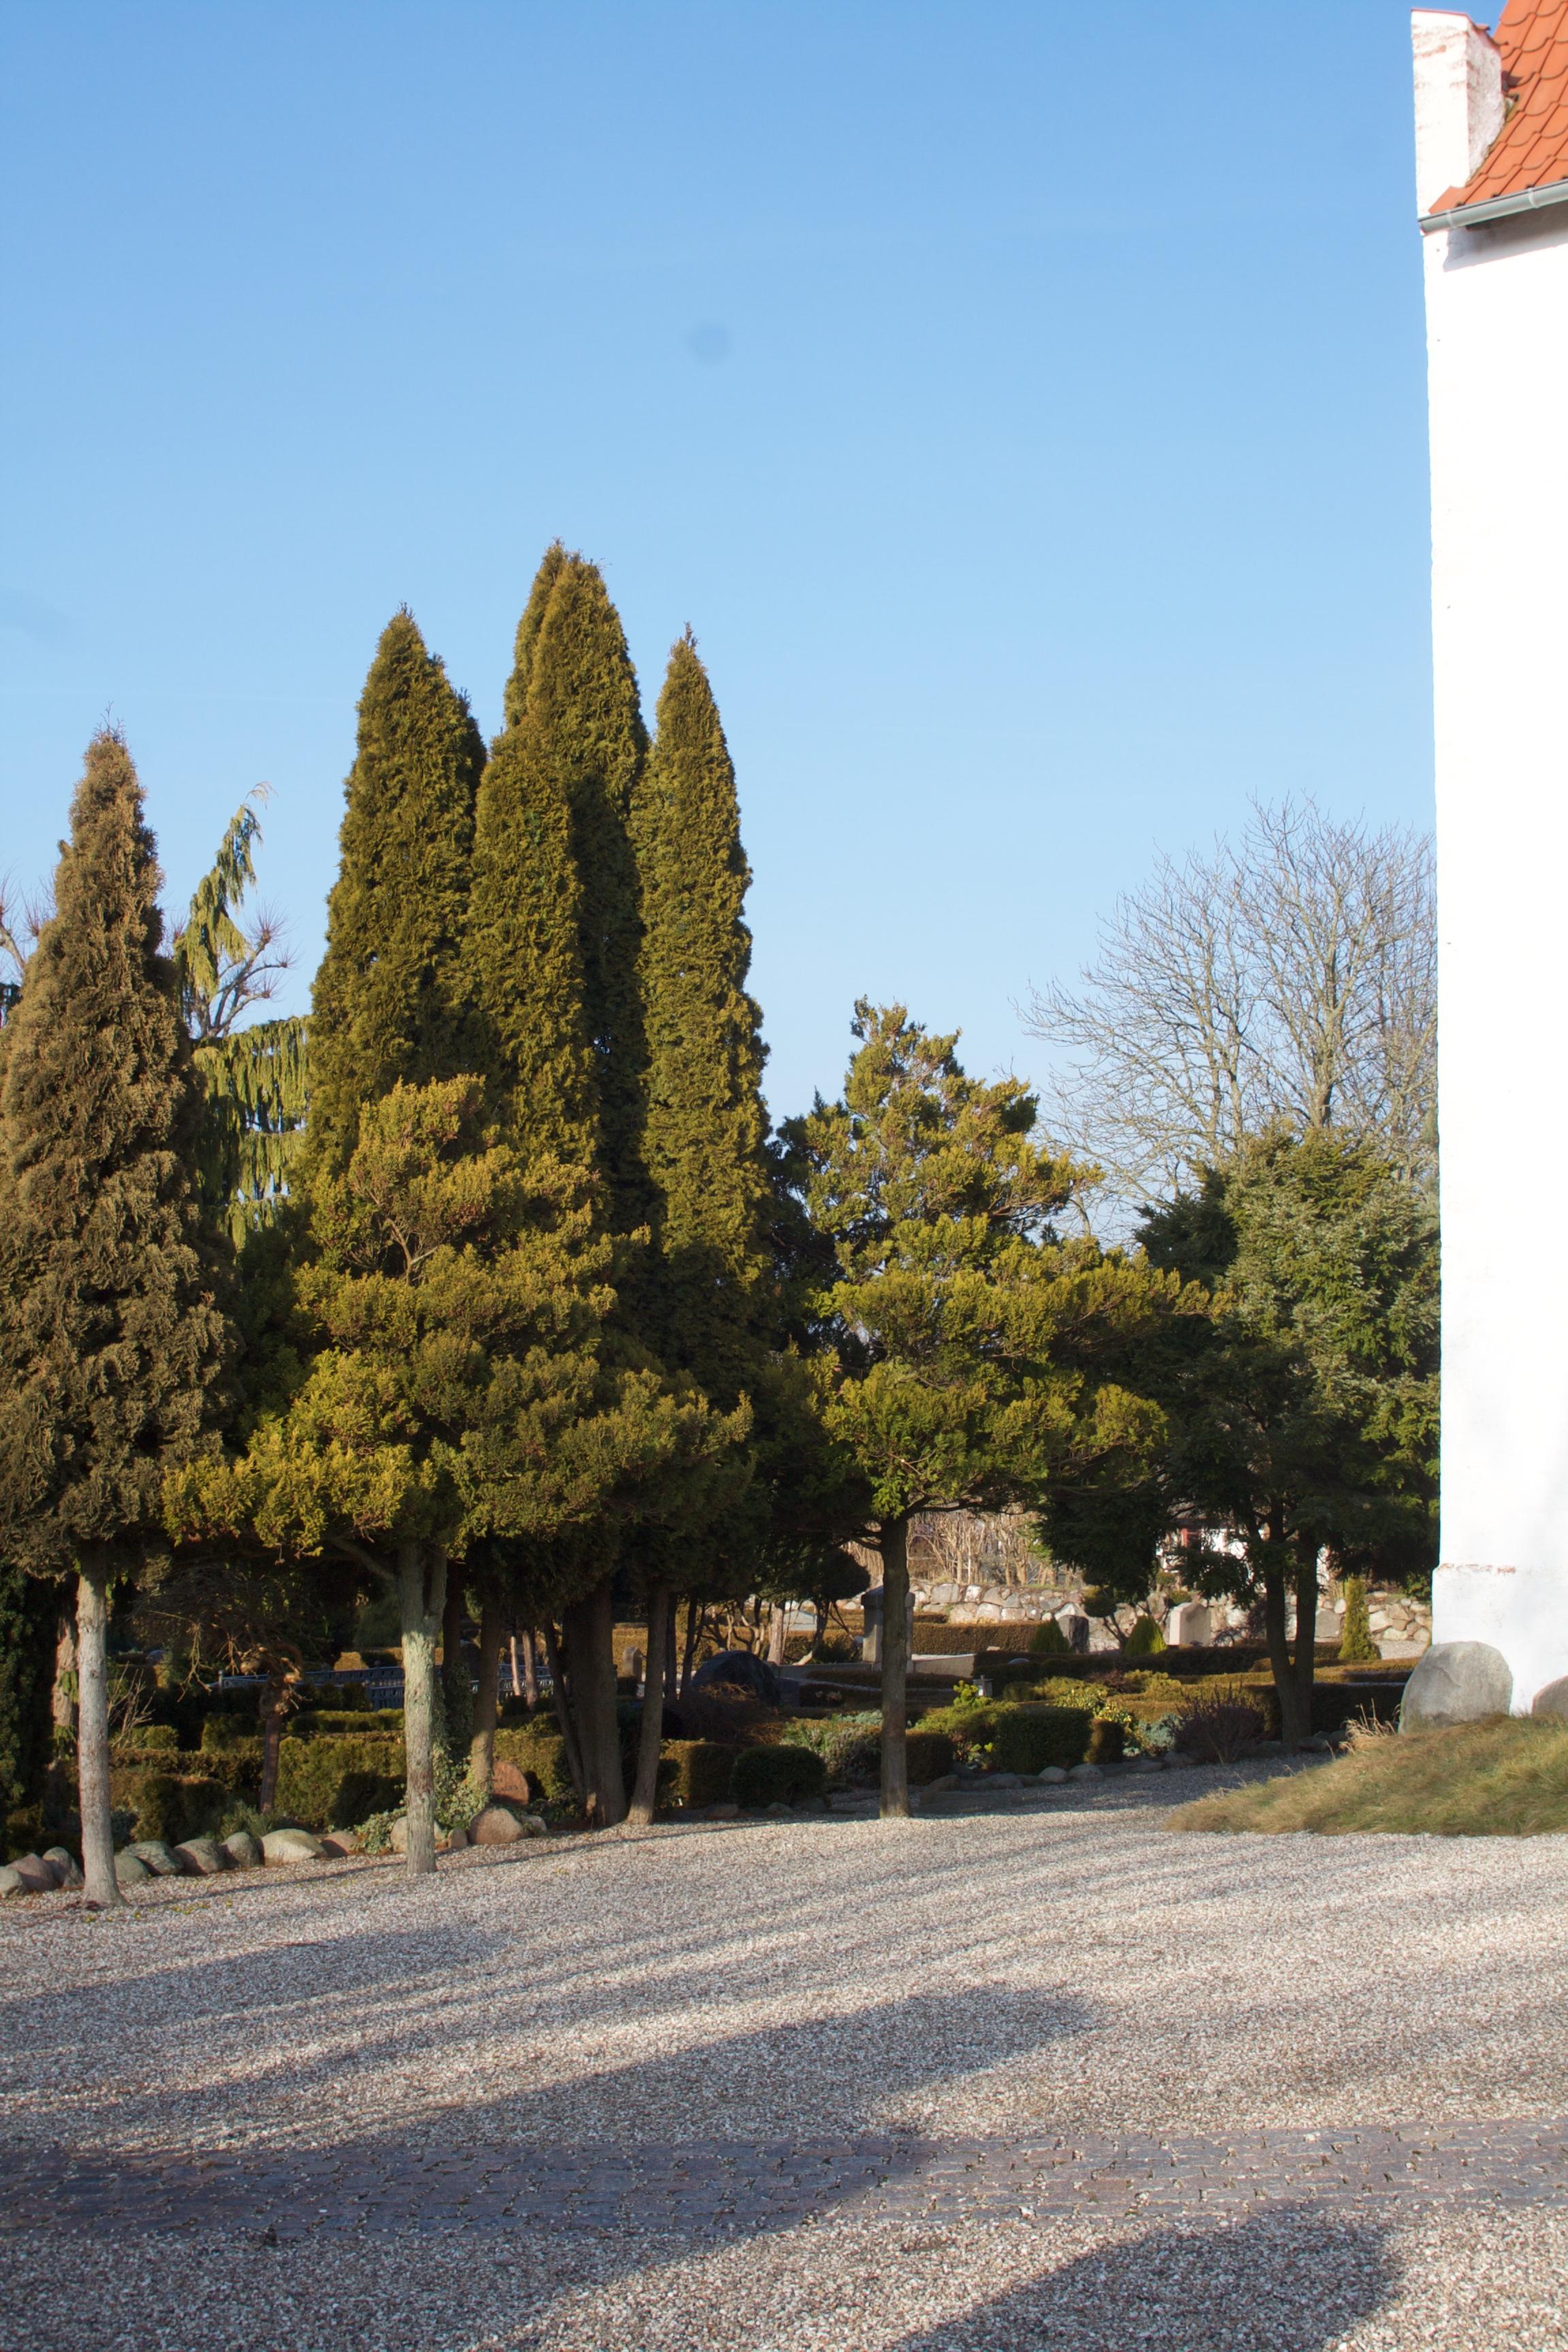 Gevninge kirkegård har mange smukke, stedsegrønne træer.